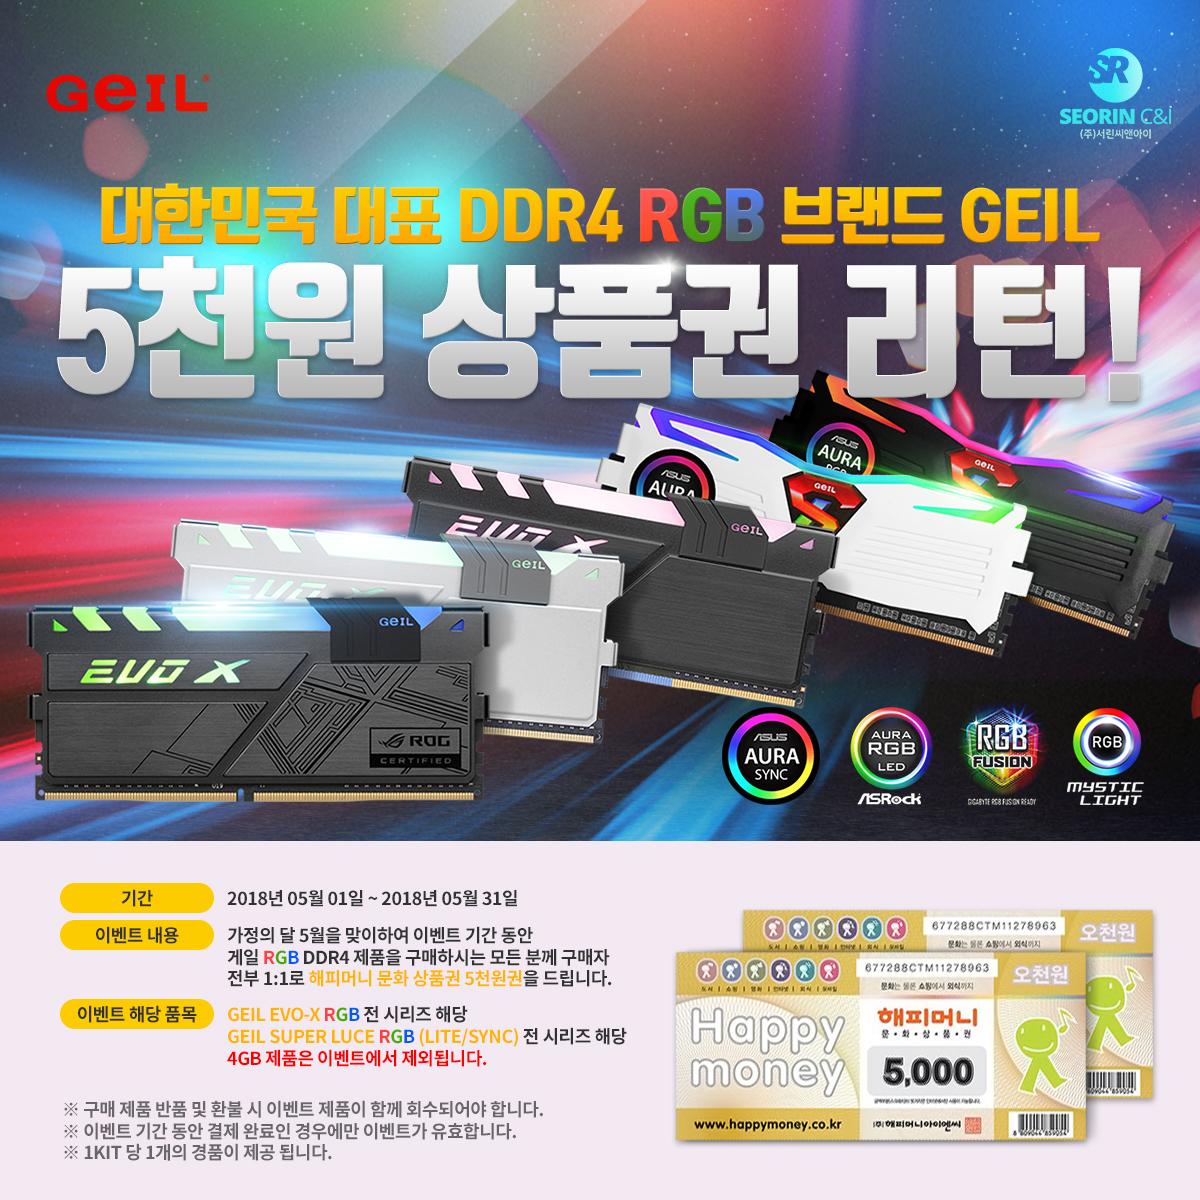 (주)서린씨앤아이 게일 DDR4 RGB LED 튜닝 메모리 구매자 해피머니 문화상품권 증정